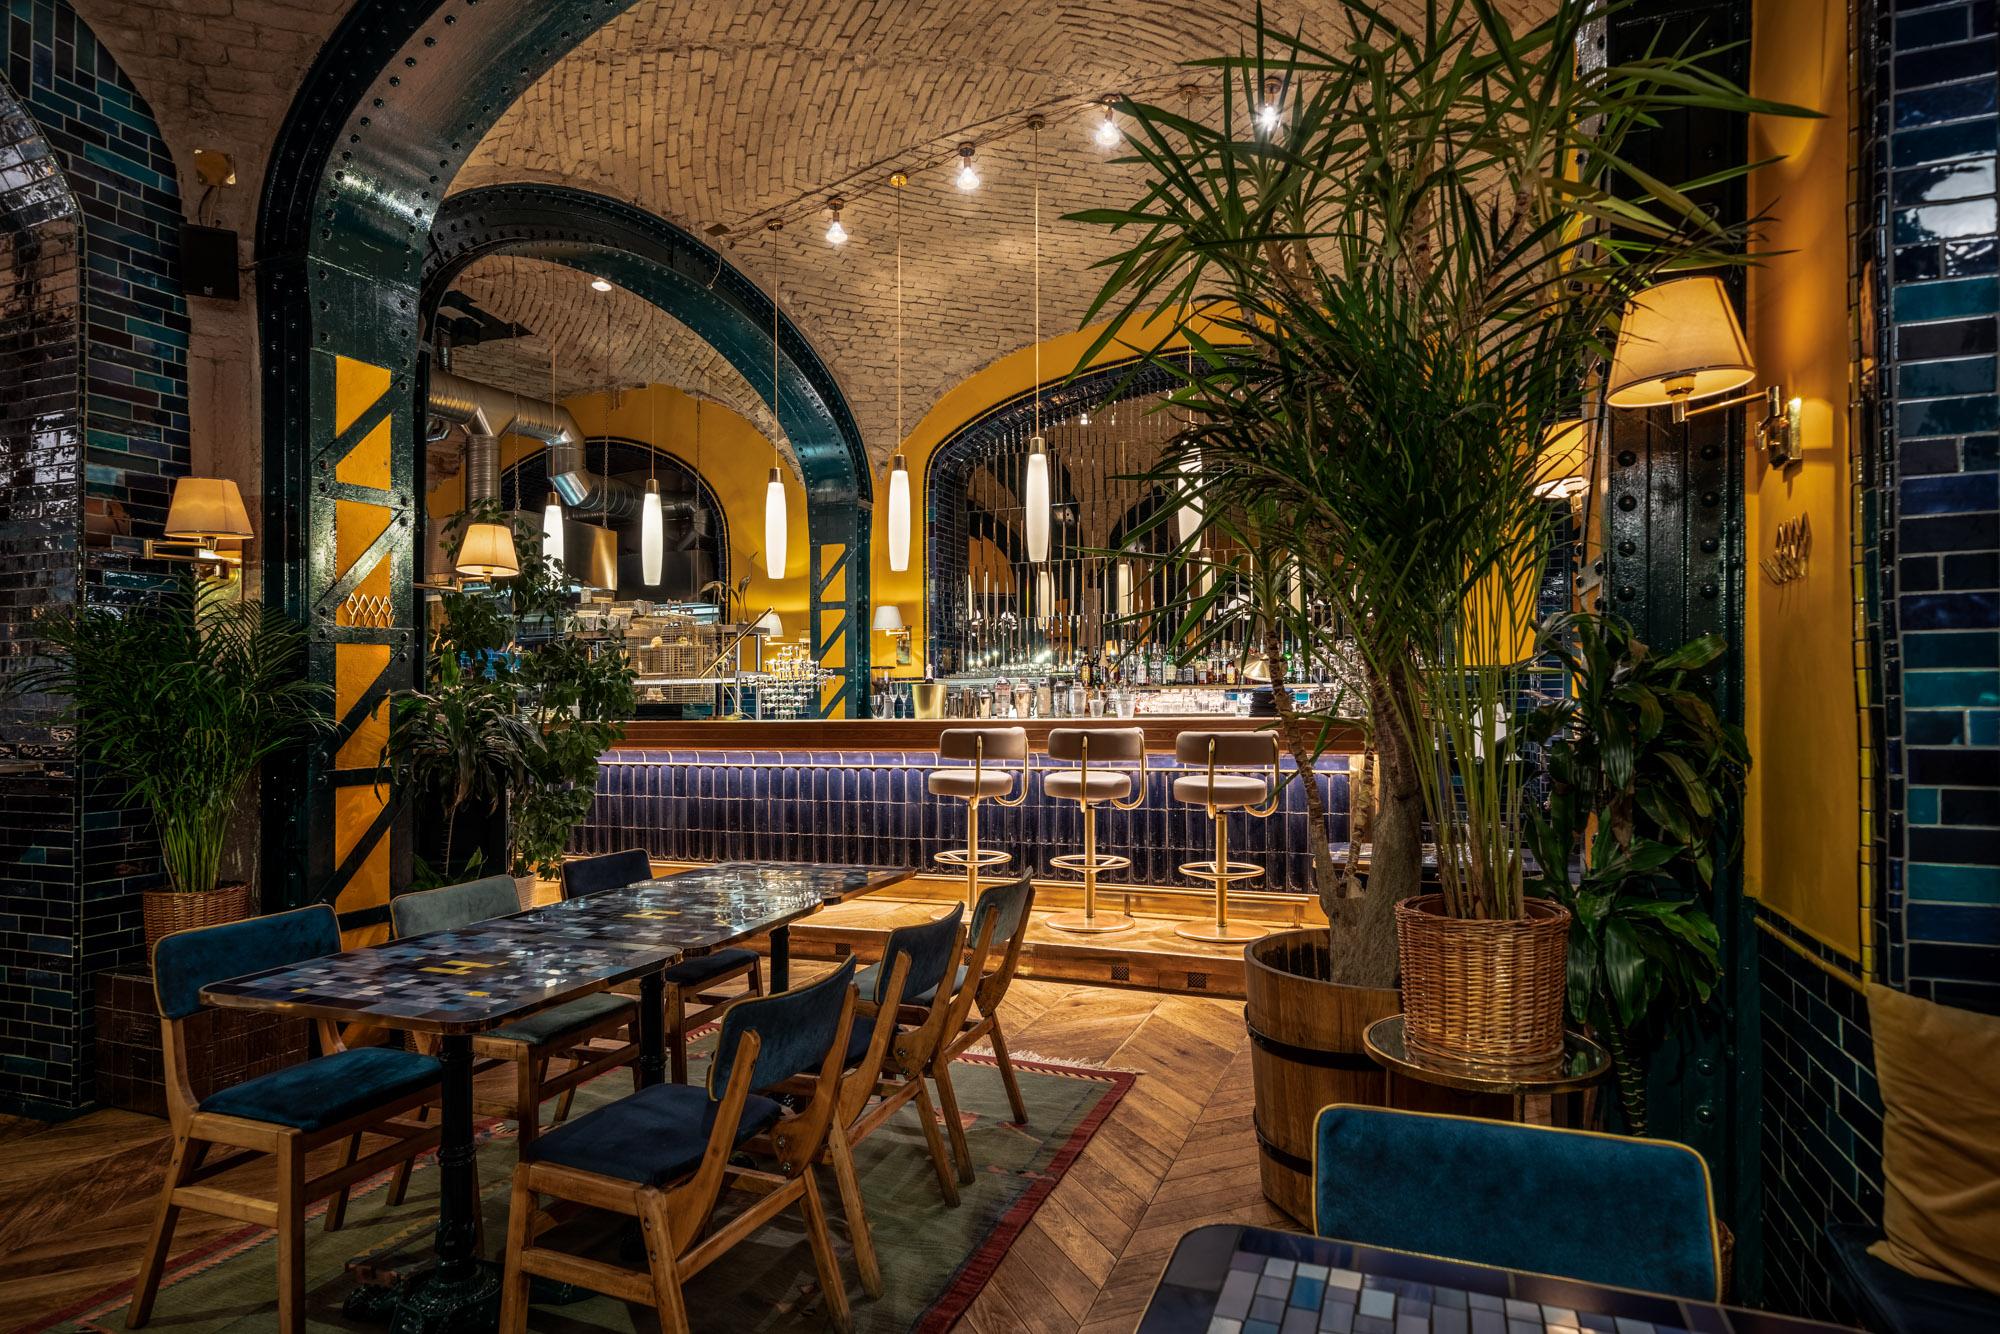 Enteriőrfotózés - Hlinka Zsolt - Ingatlan, iroda étterem, hotel fényképezése